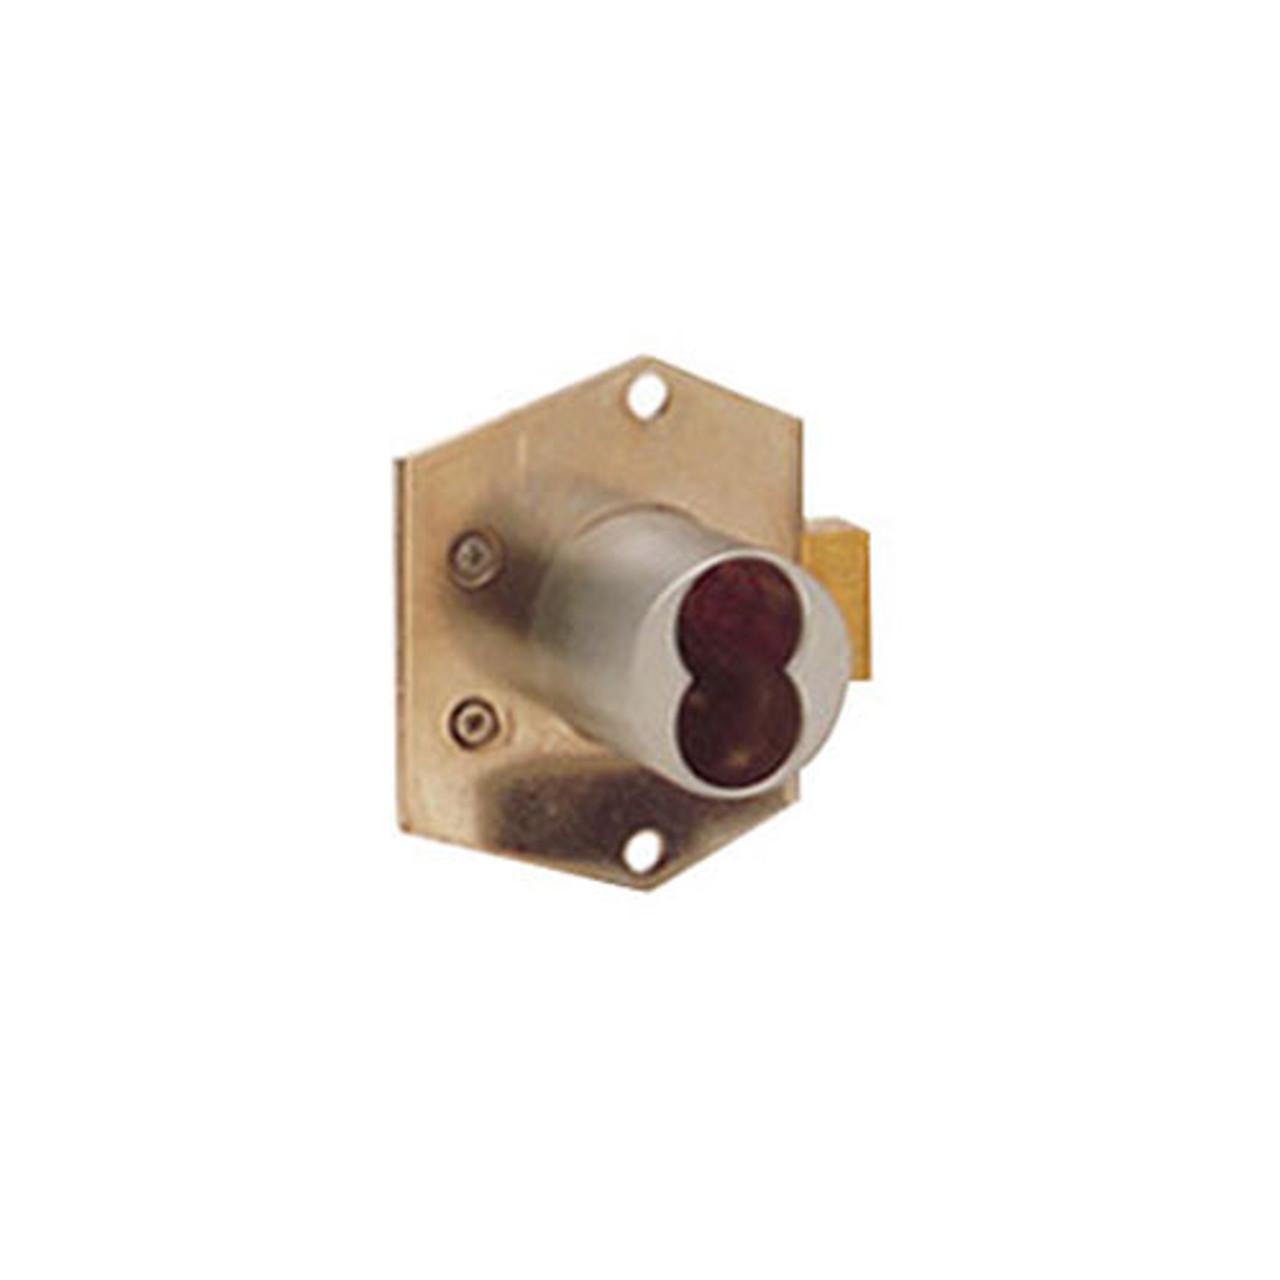 Olympus 725RD-DW-VH-US4 Rim Mount Deadbolt Cabinet Locks in Satin Brass Finish